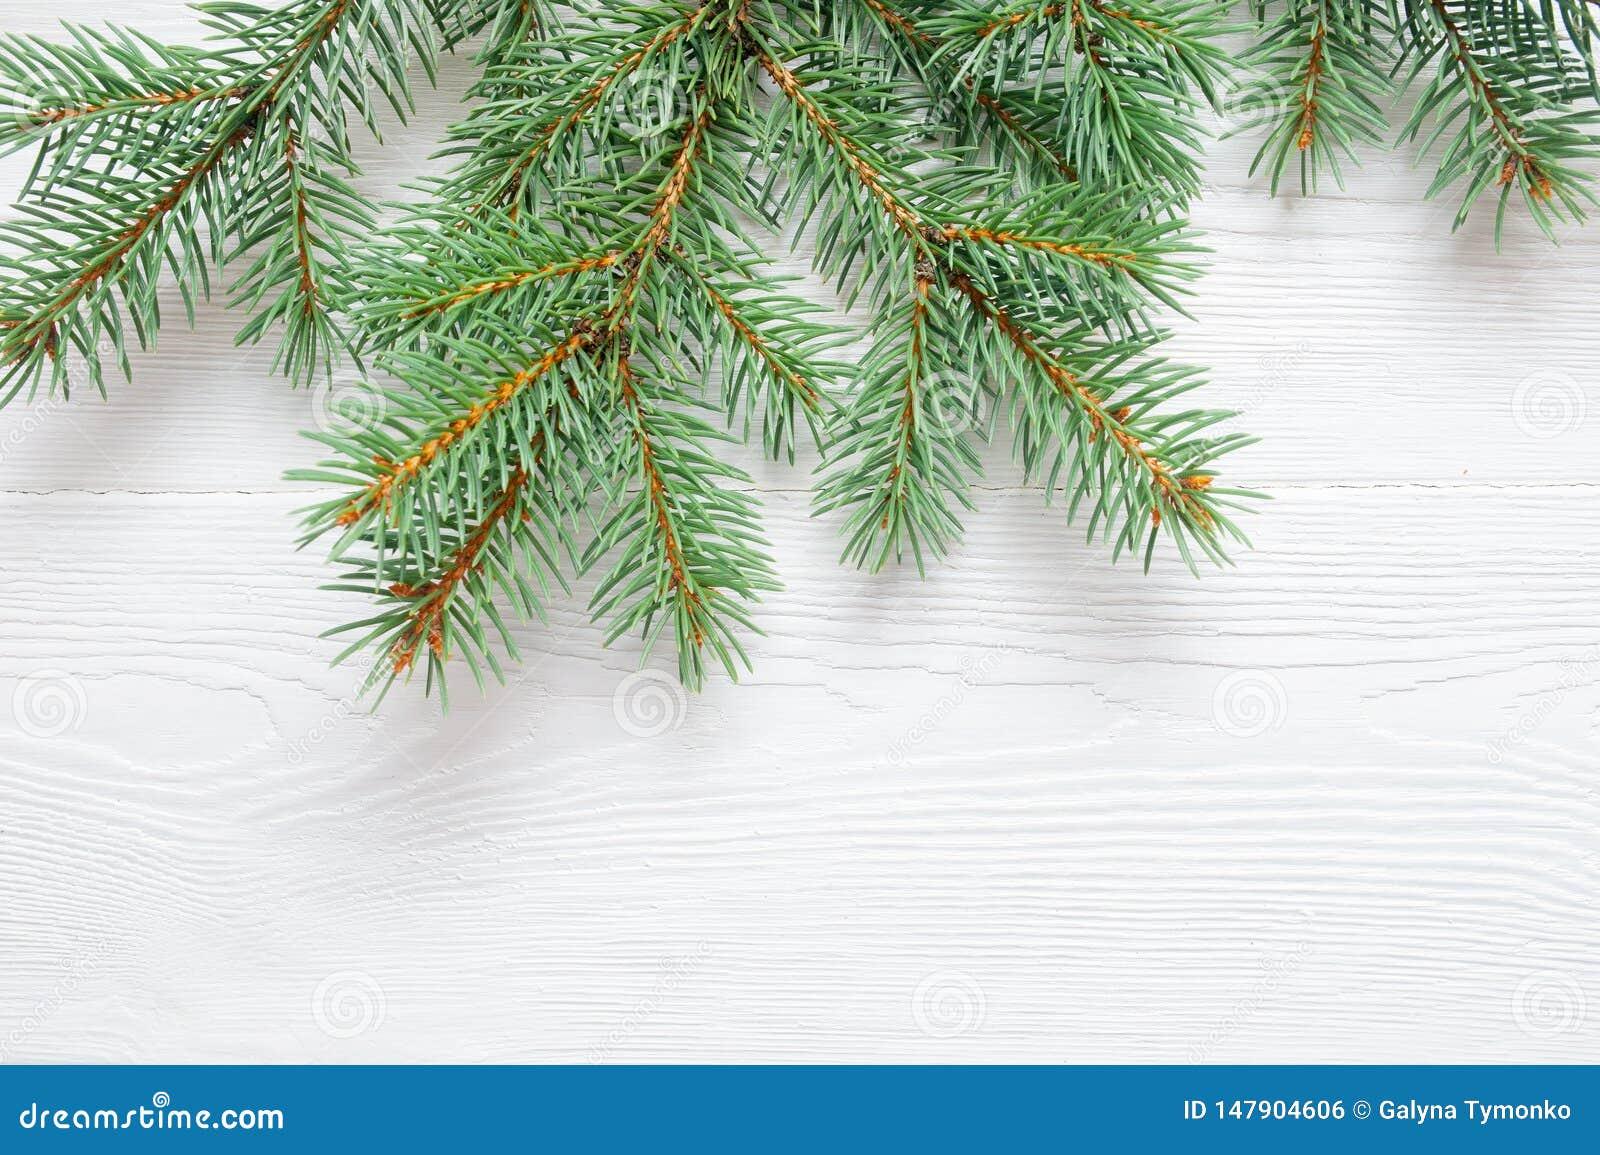 Branche D Arbre Sapin De Noel branche d'arbre de sapin de noël d'isolement sur le fond en